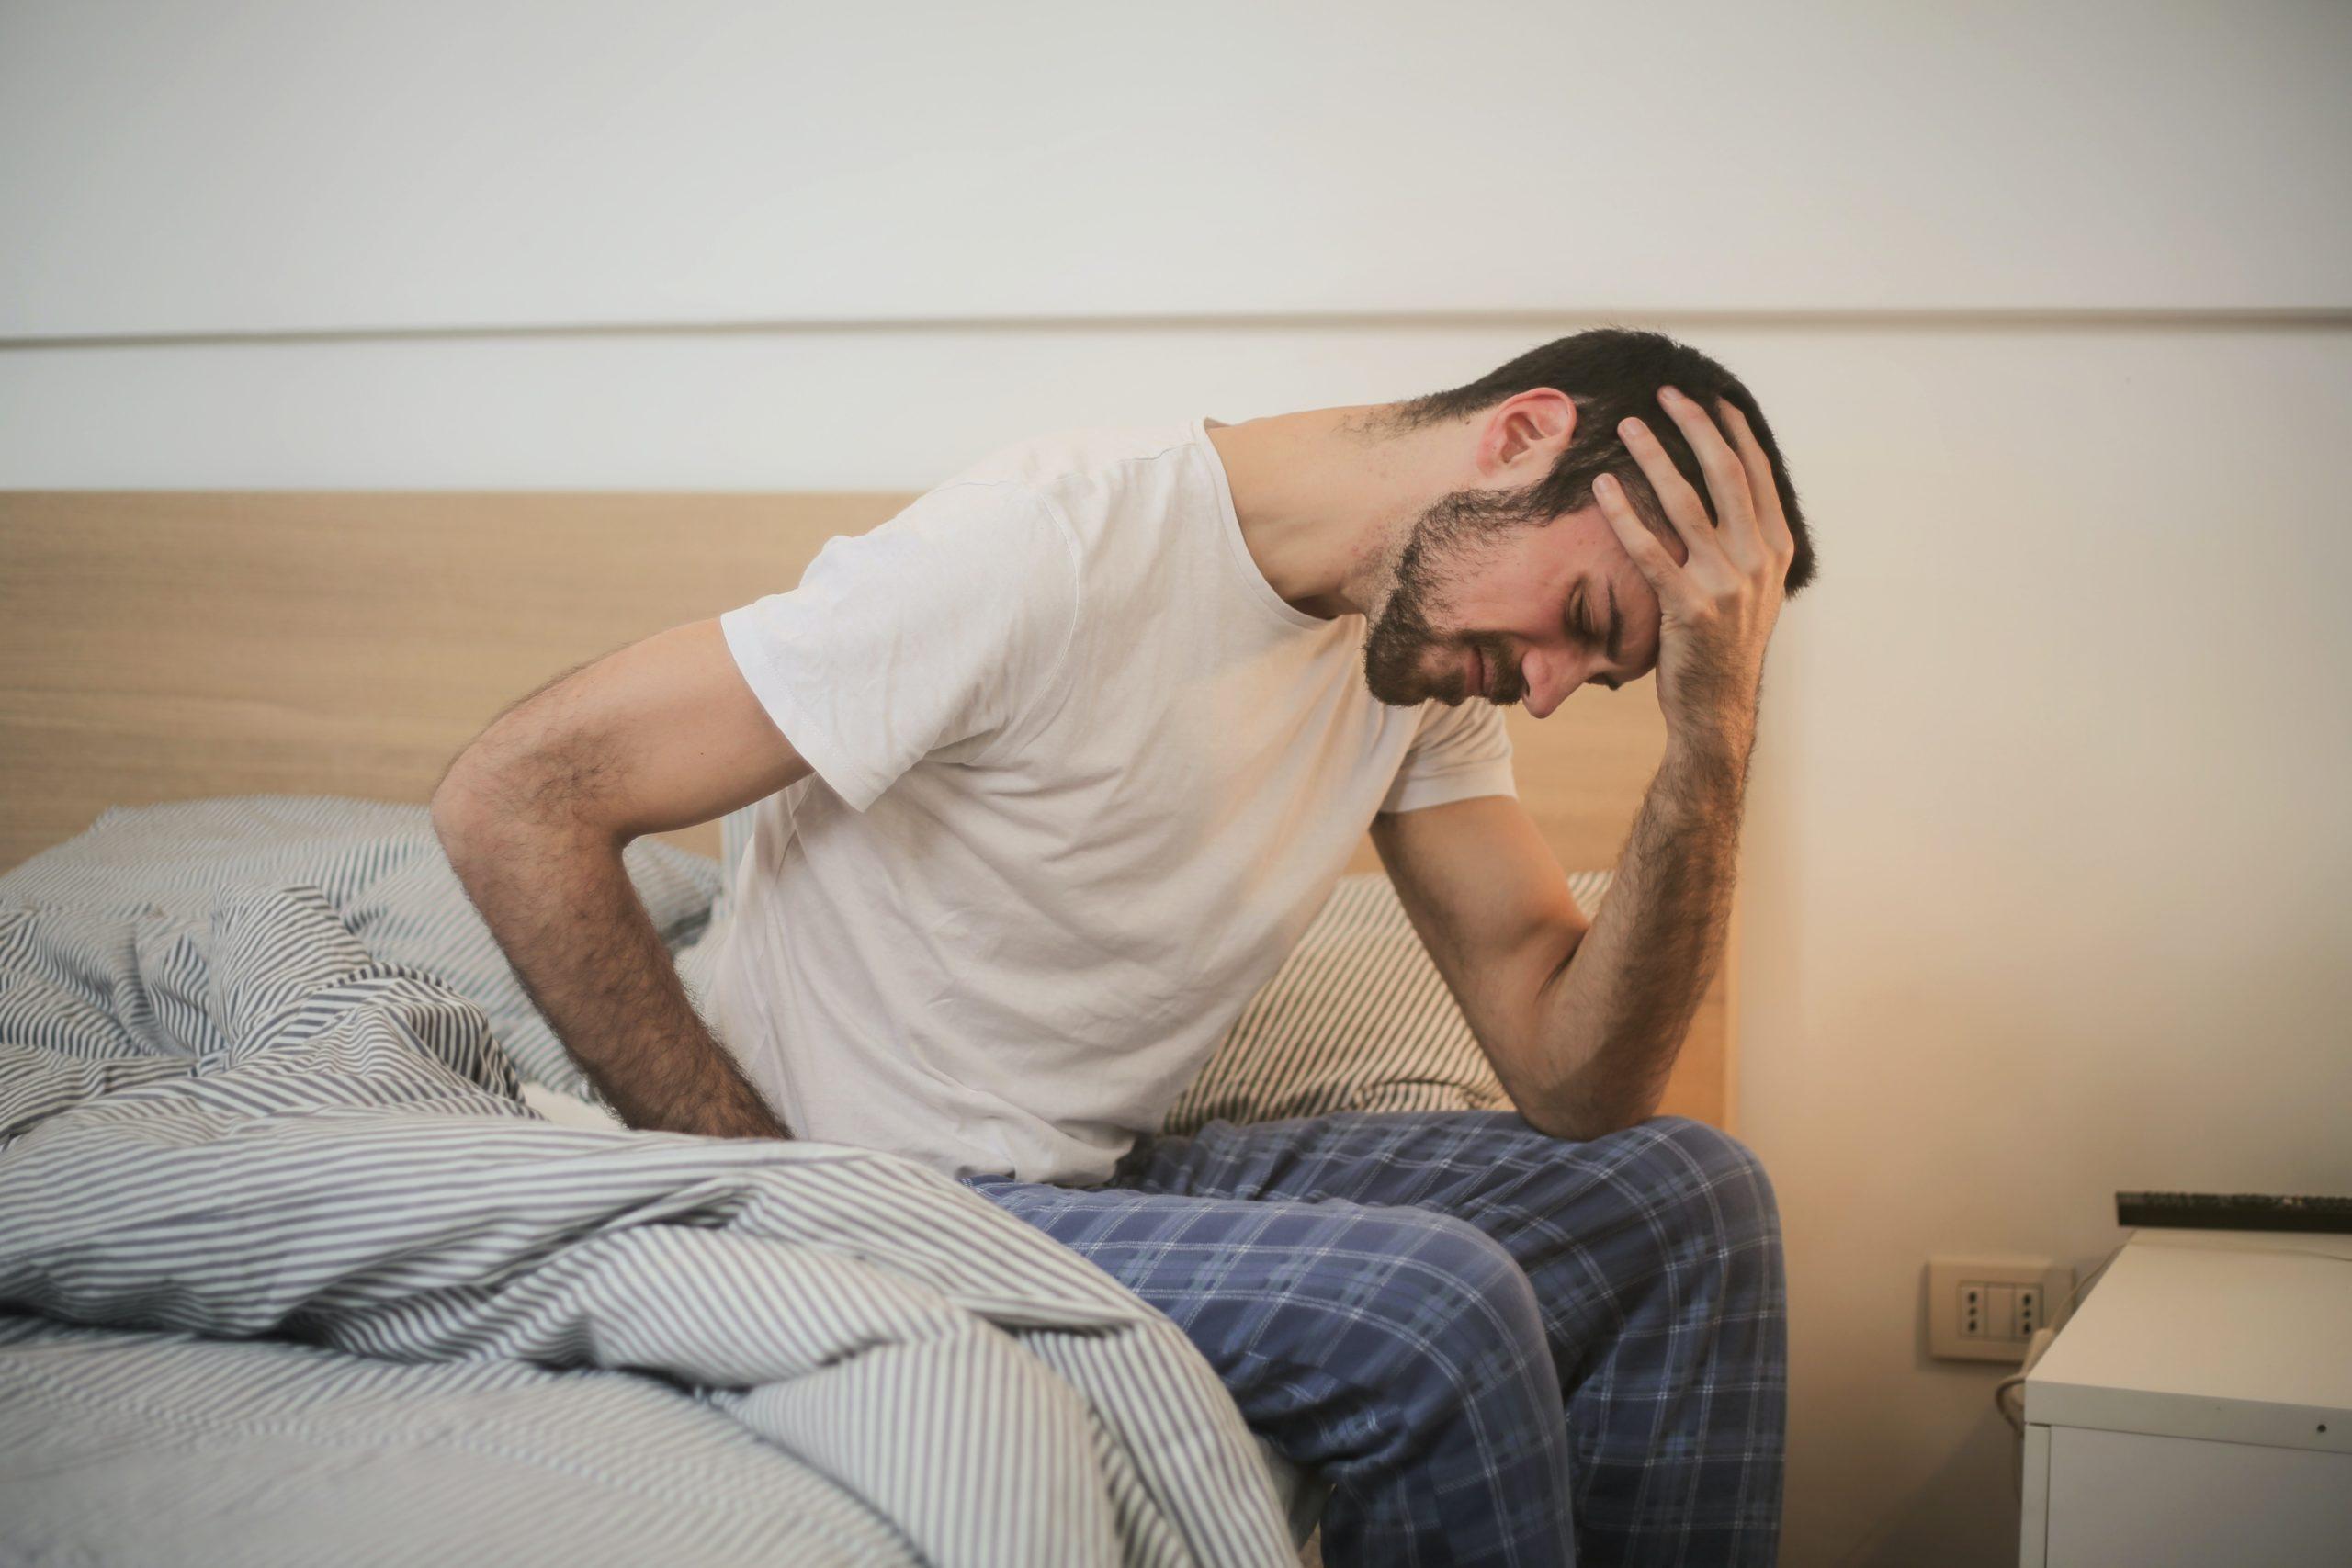 La maladie de Lyme rend le quotidien des personnes atteintes très difficile.